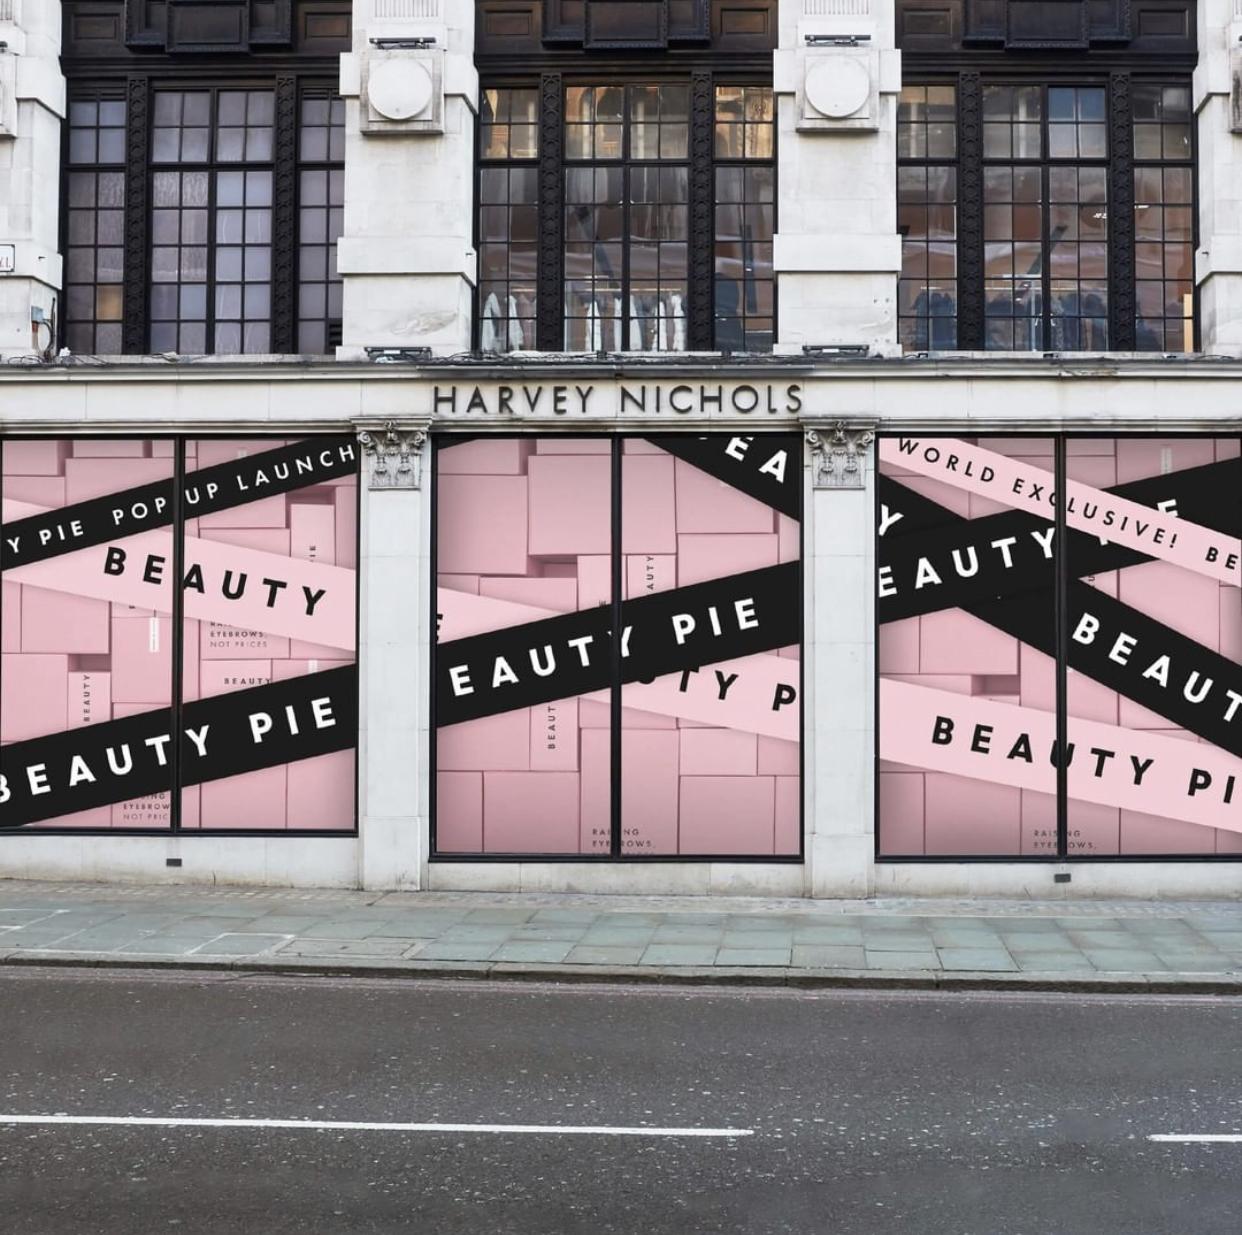 Beauty Pie Launch Pop Up Shop!